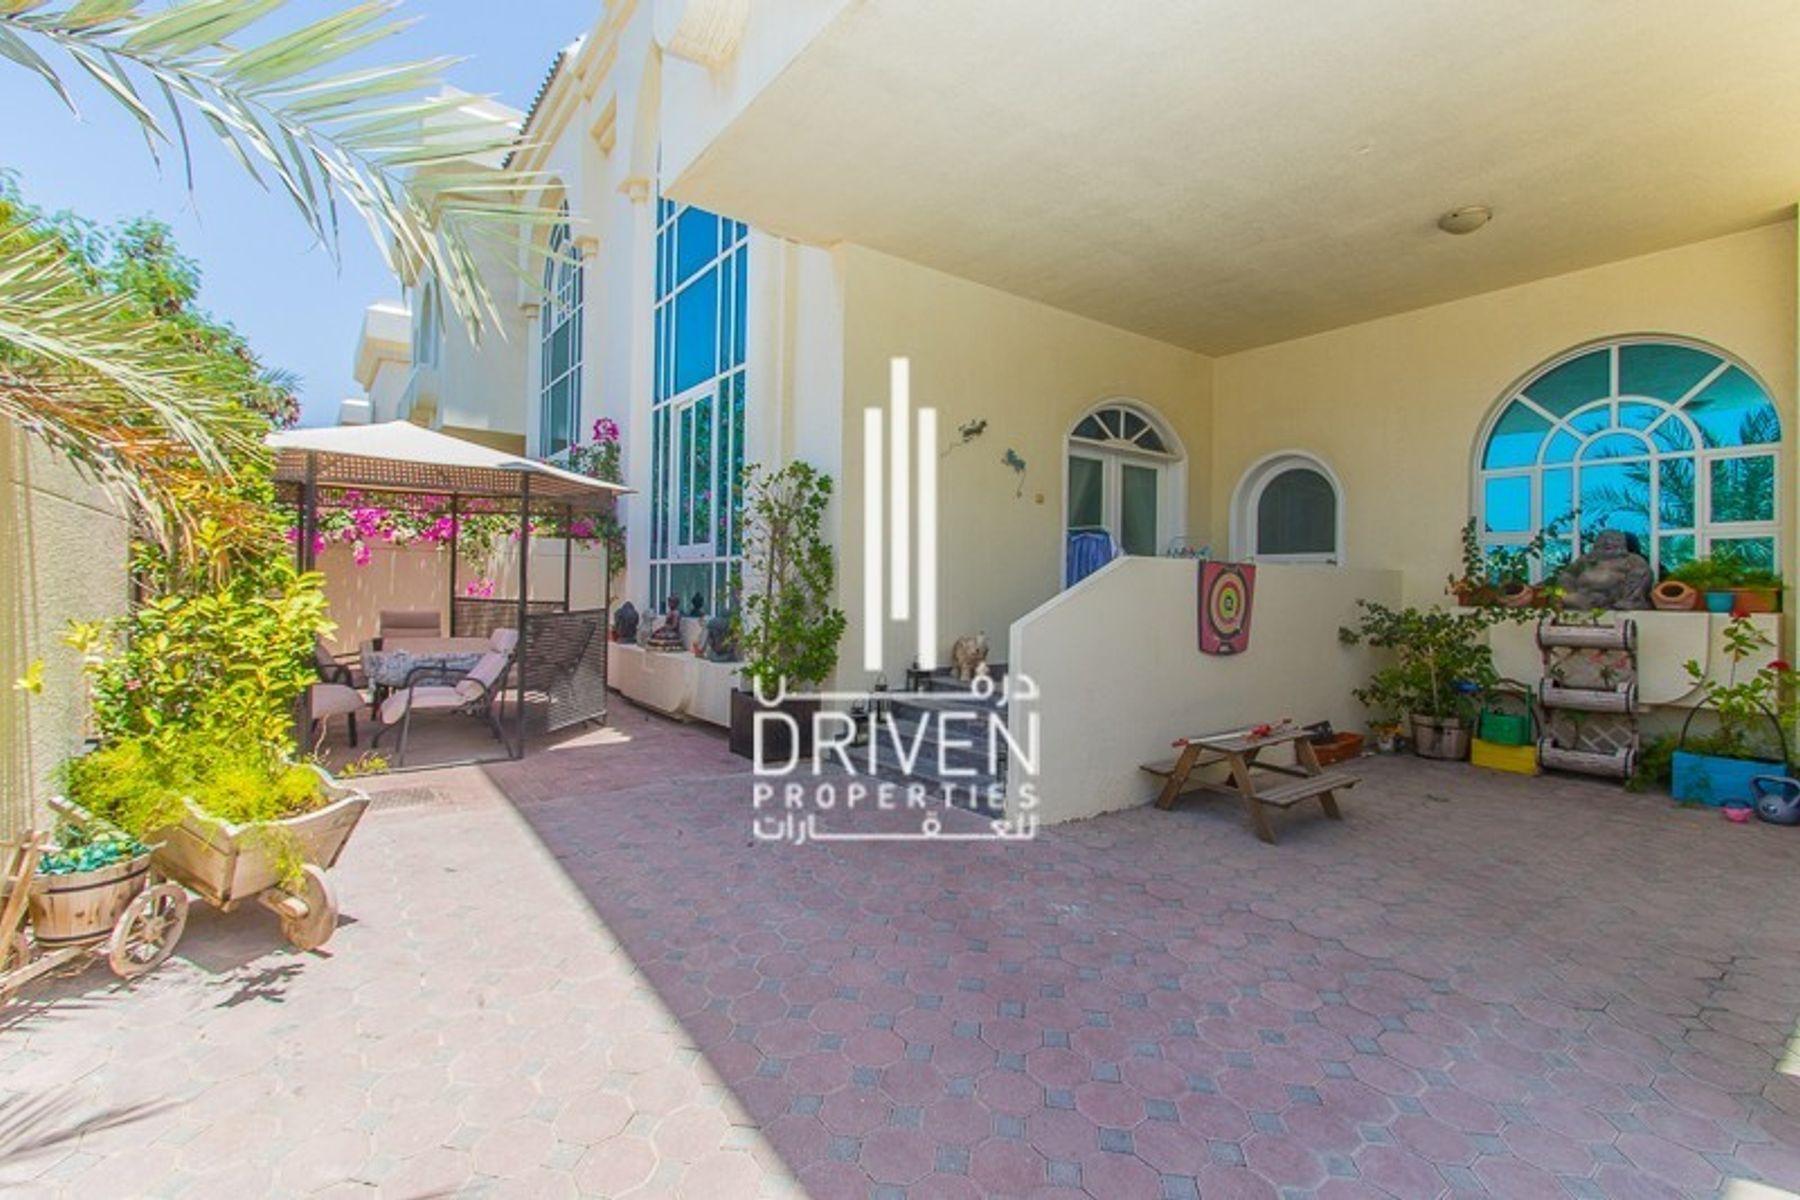 Villa for Rent in Umm Suqeim 1 Villas - Umm Suqeim